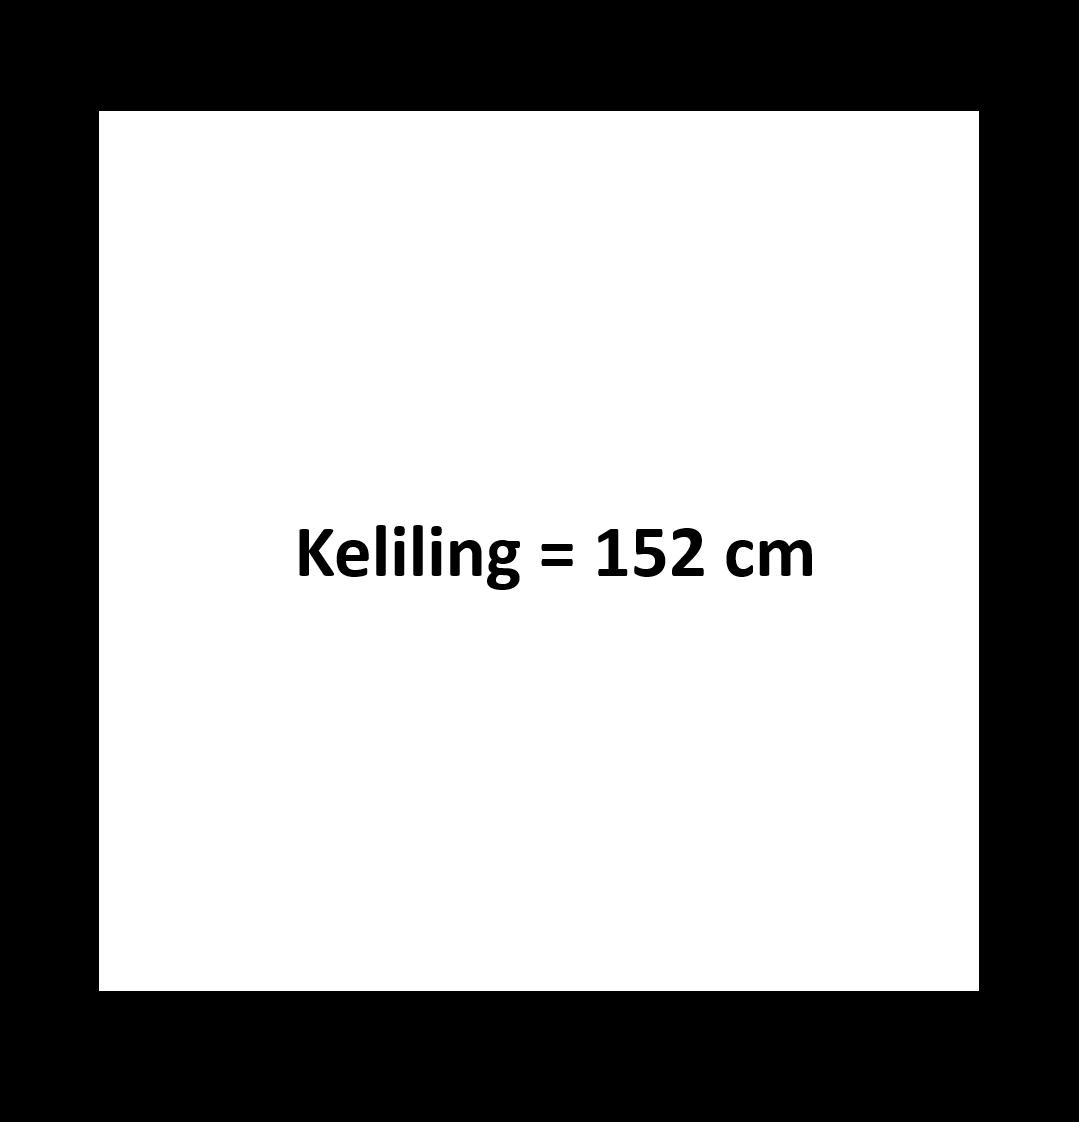 Gambar keliling persegi 152 cm